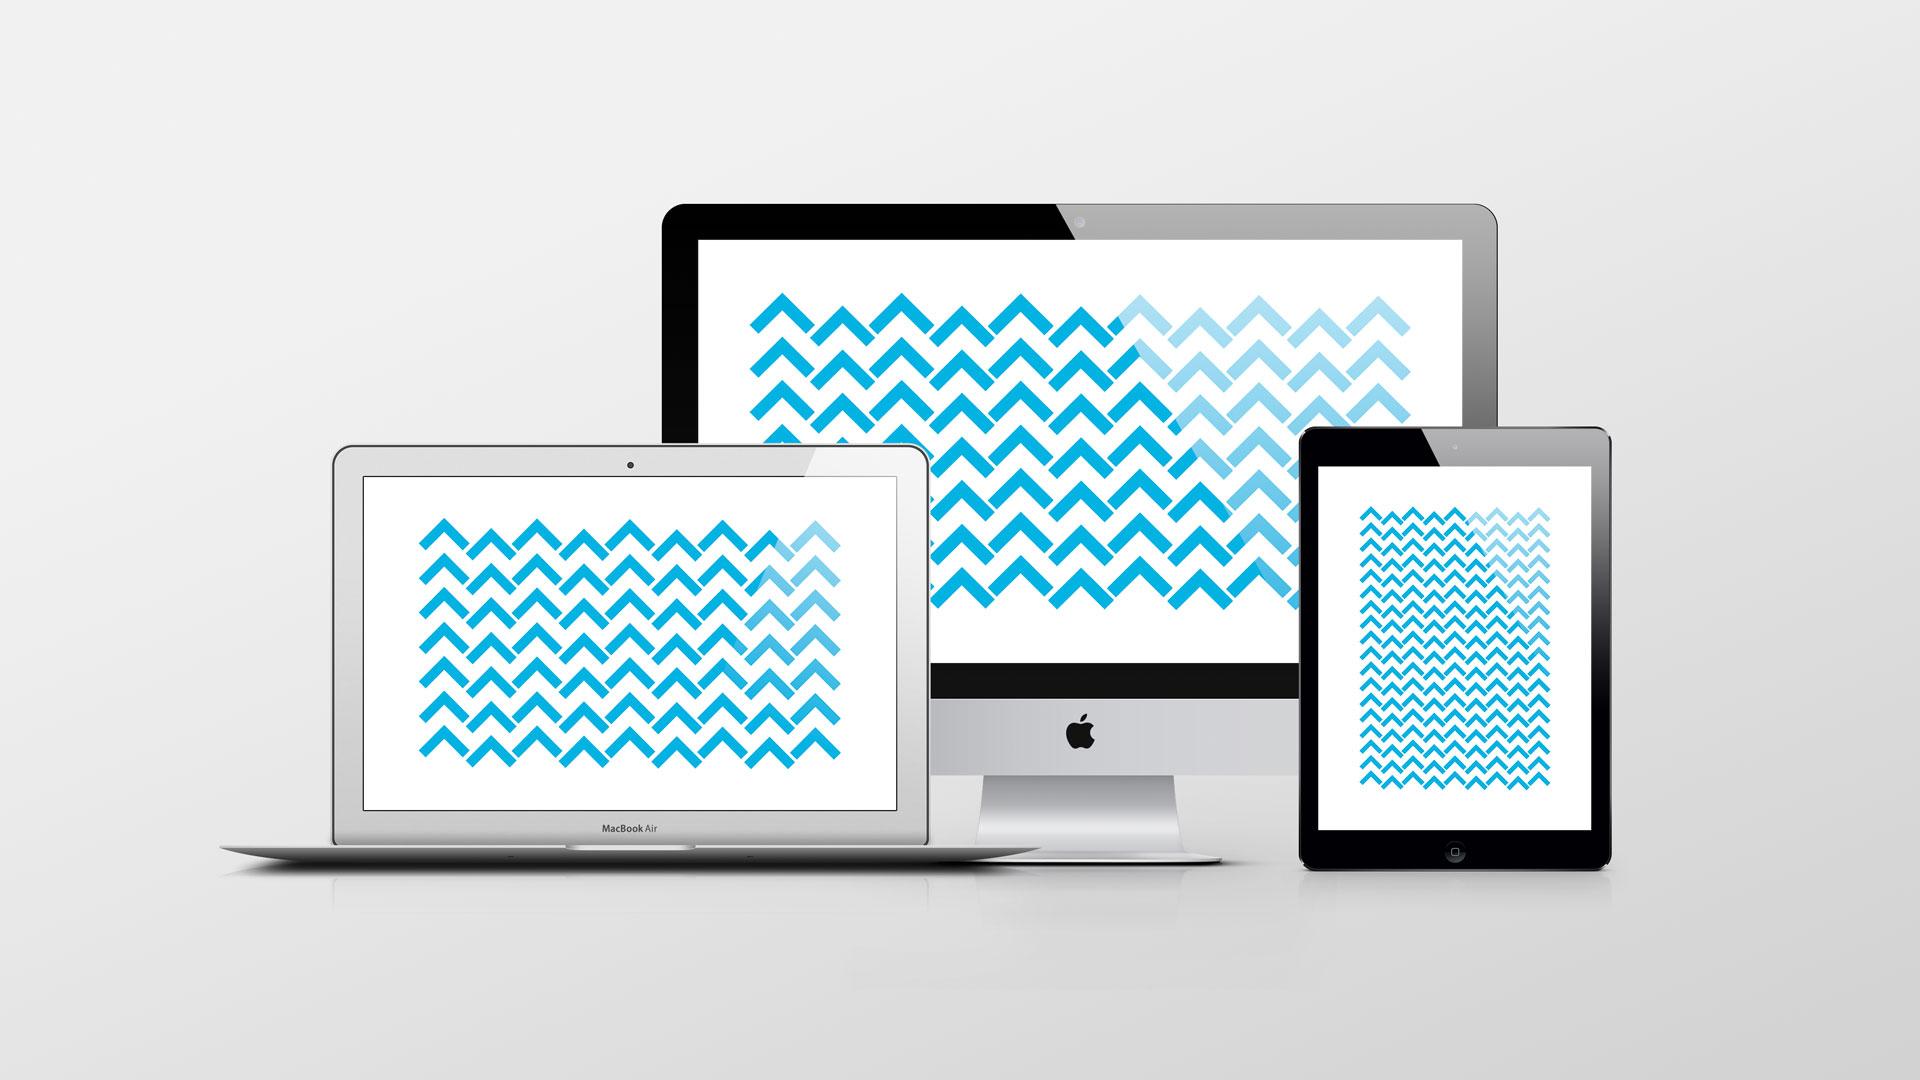 Tre skjermer, en stasjonær PC, en bærbar PC og en mobil. På skjermene er det enkel animasjon av 07 sine profilelementer. Animasjon.